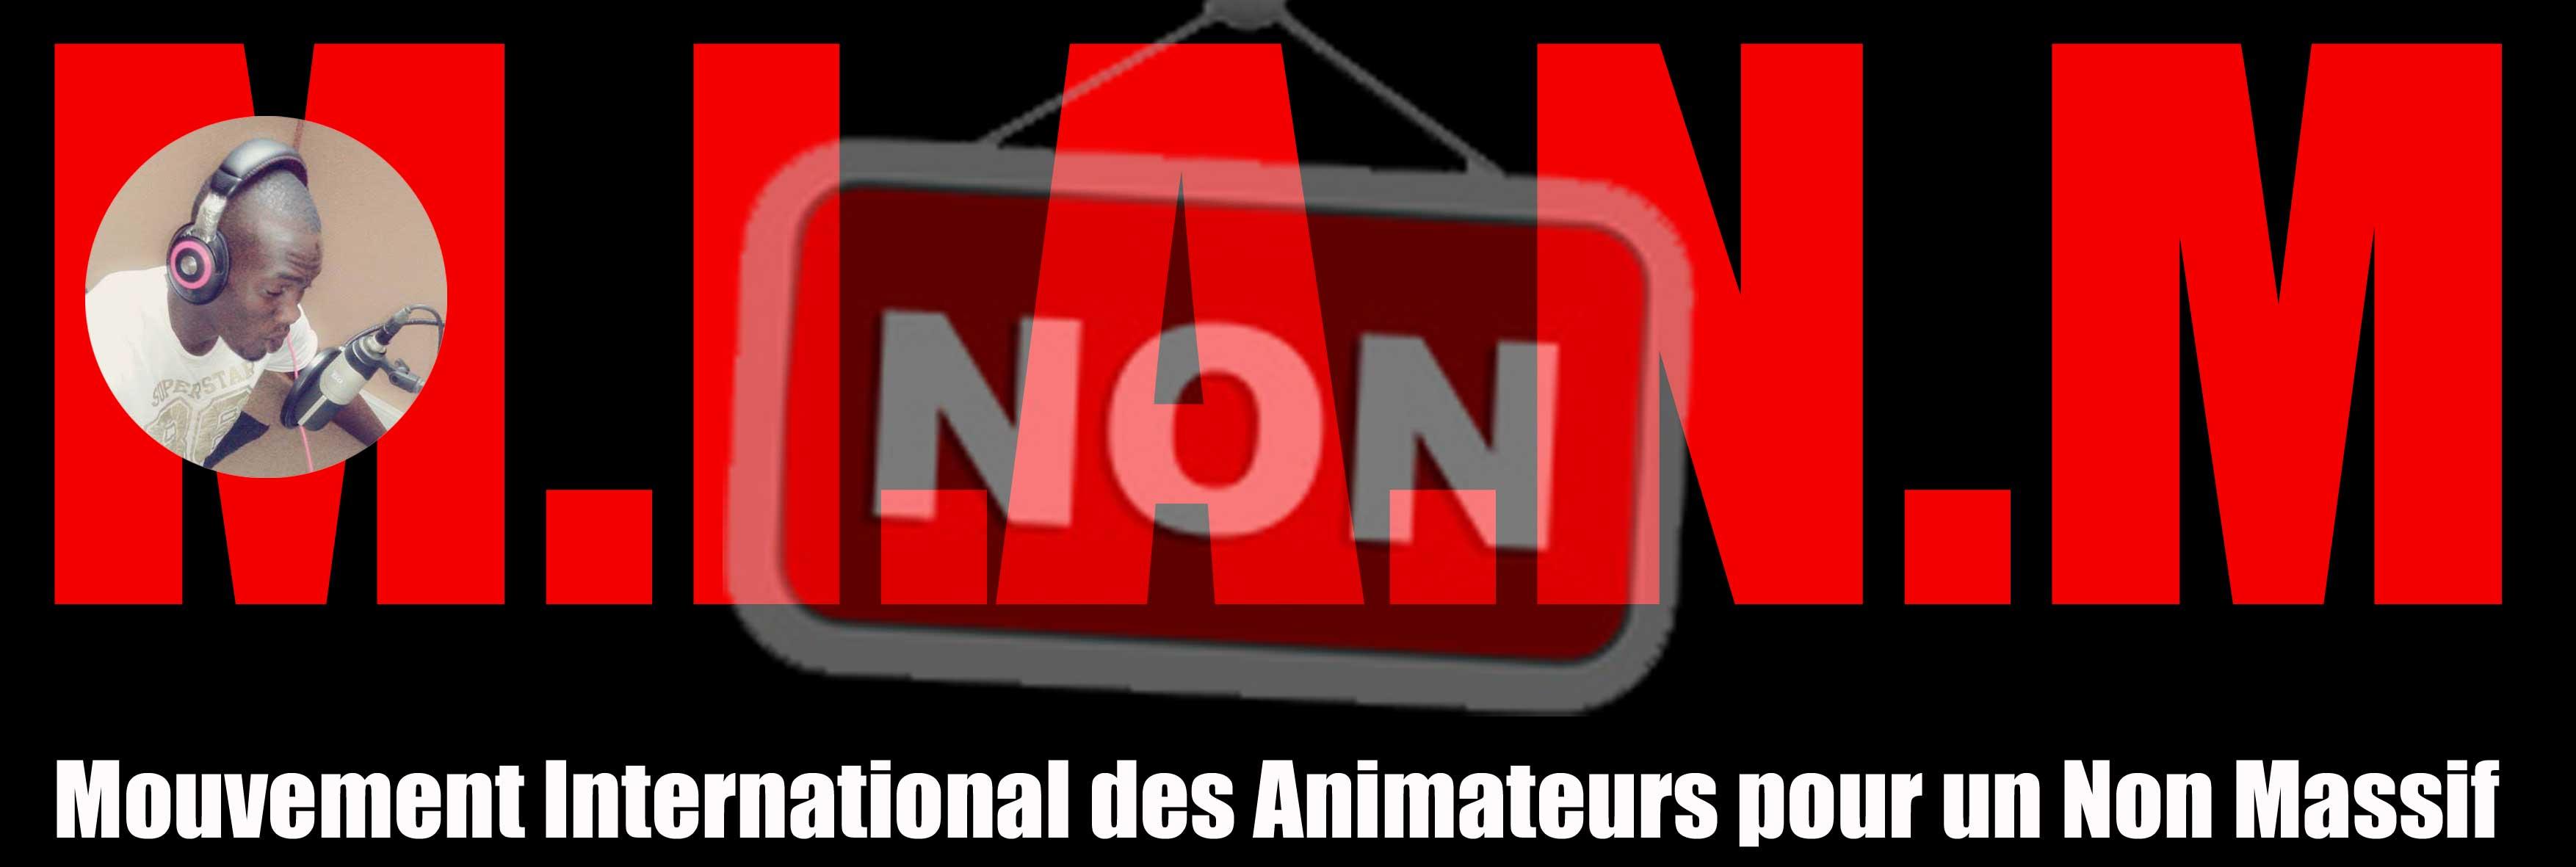 PADROS de WalfTv  lance un mouvement et appelle tous les animateurs à voter non